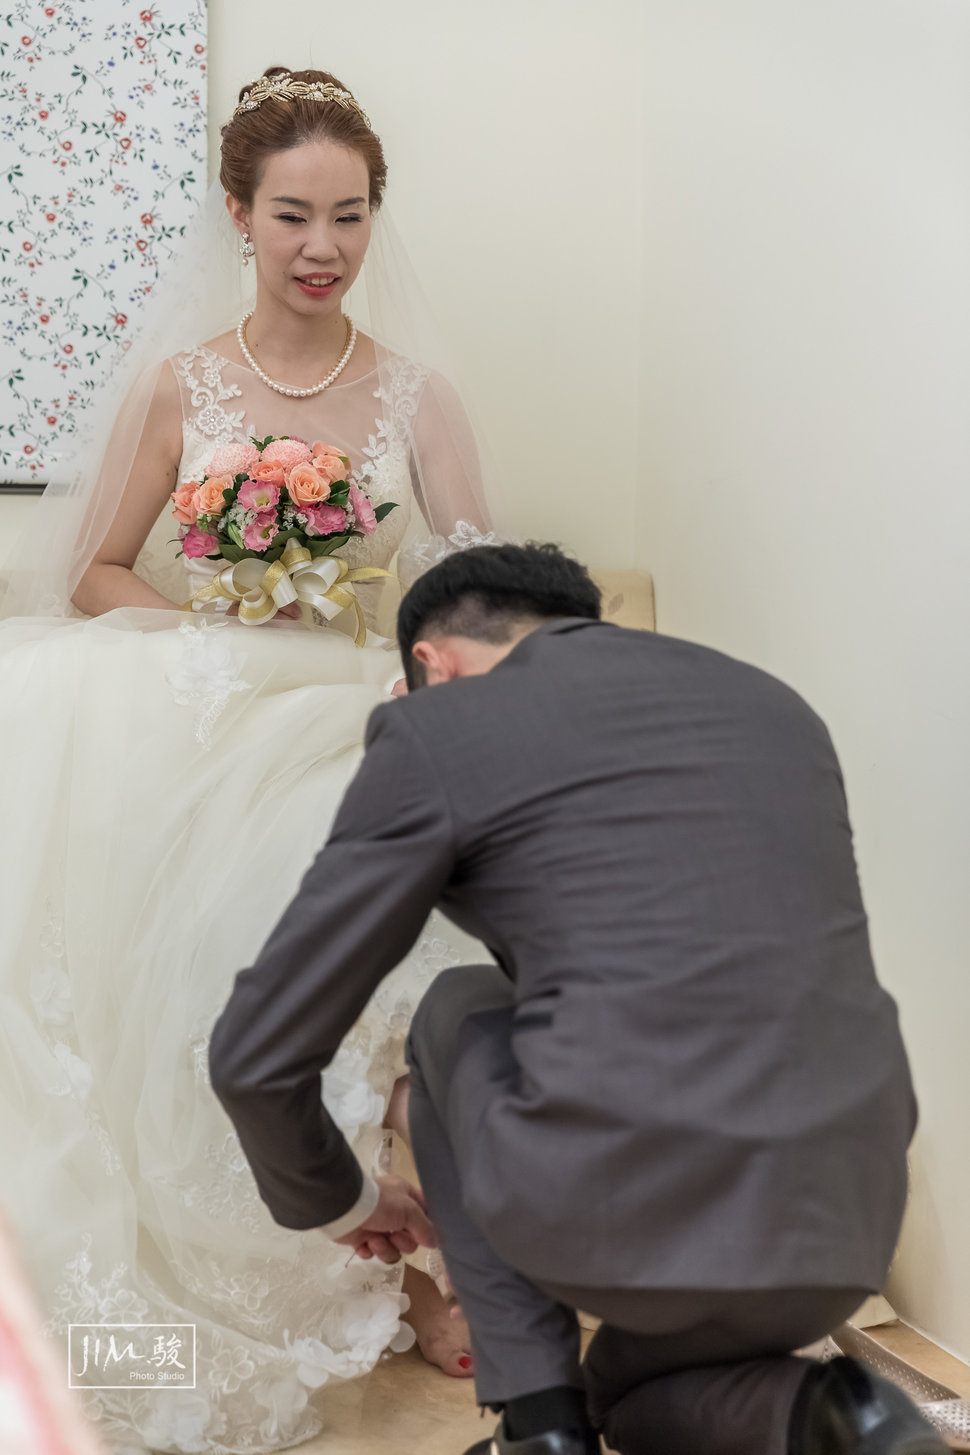 16' 1105 玨秀&正宇 文定+迎娶(編號:515975) - JIM 駿 PHOTO Studio - 結婚吧一站式婚禮服務平台